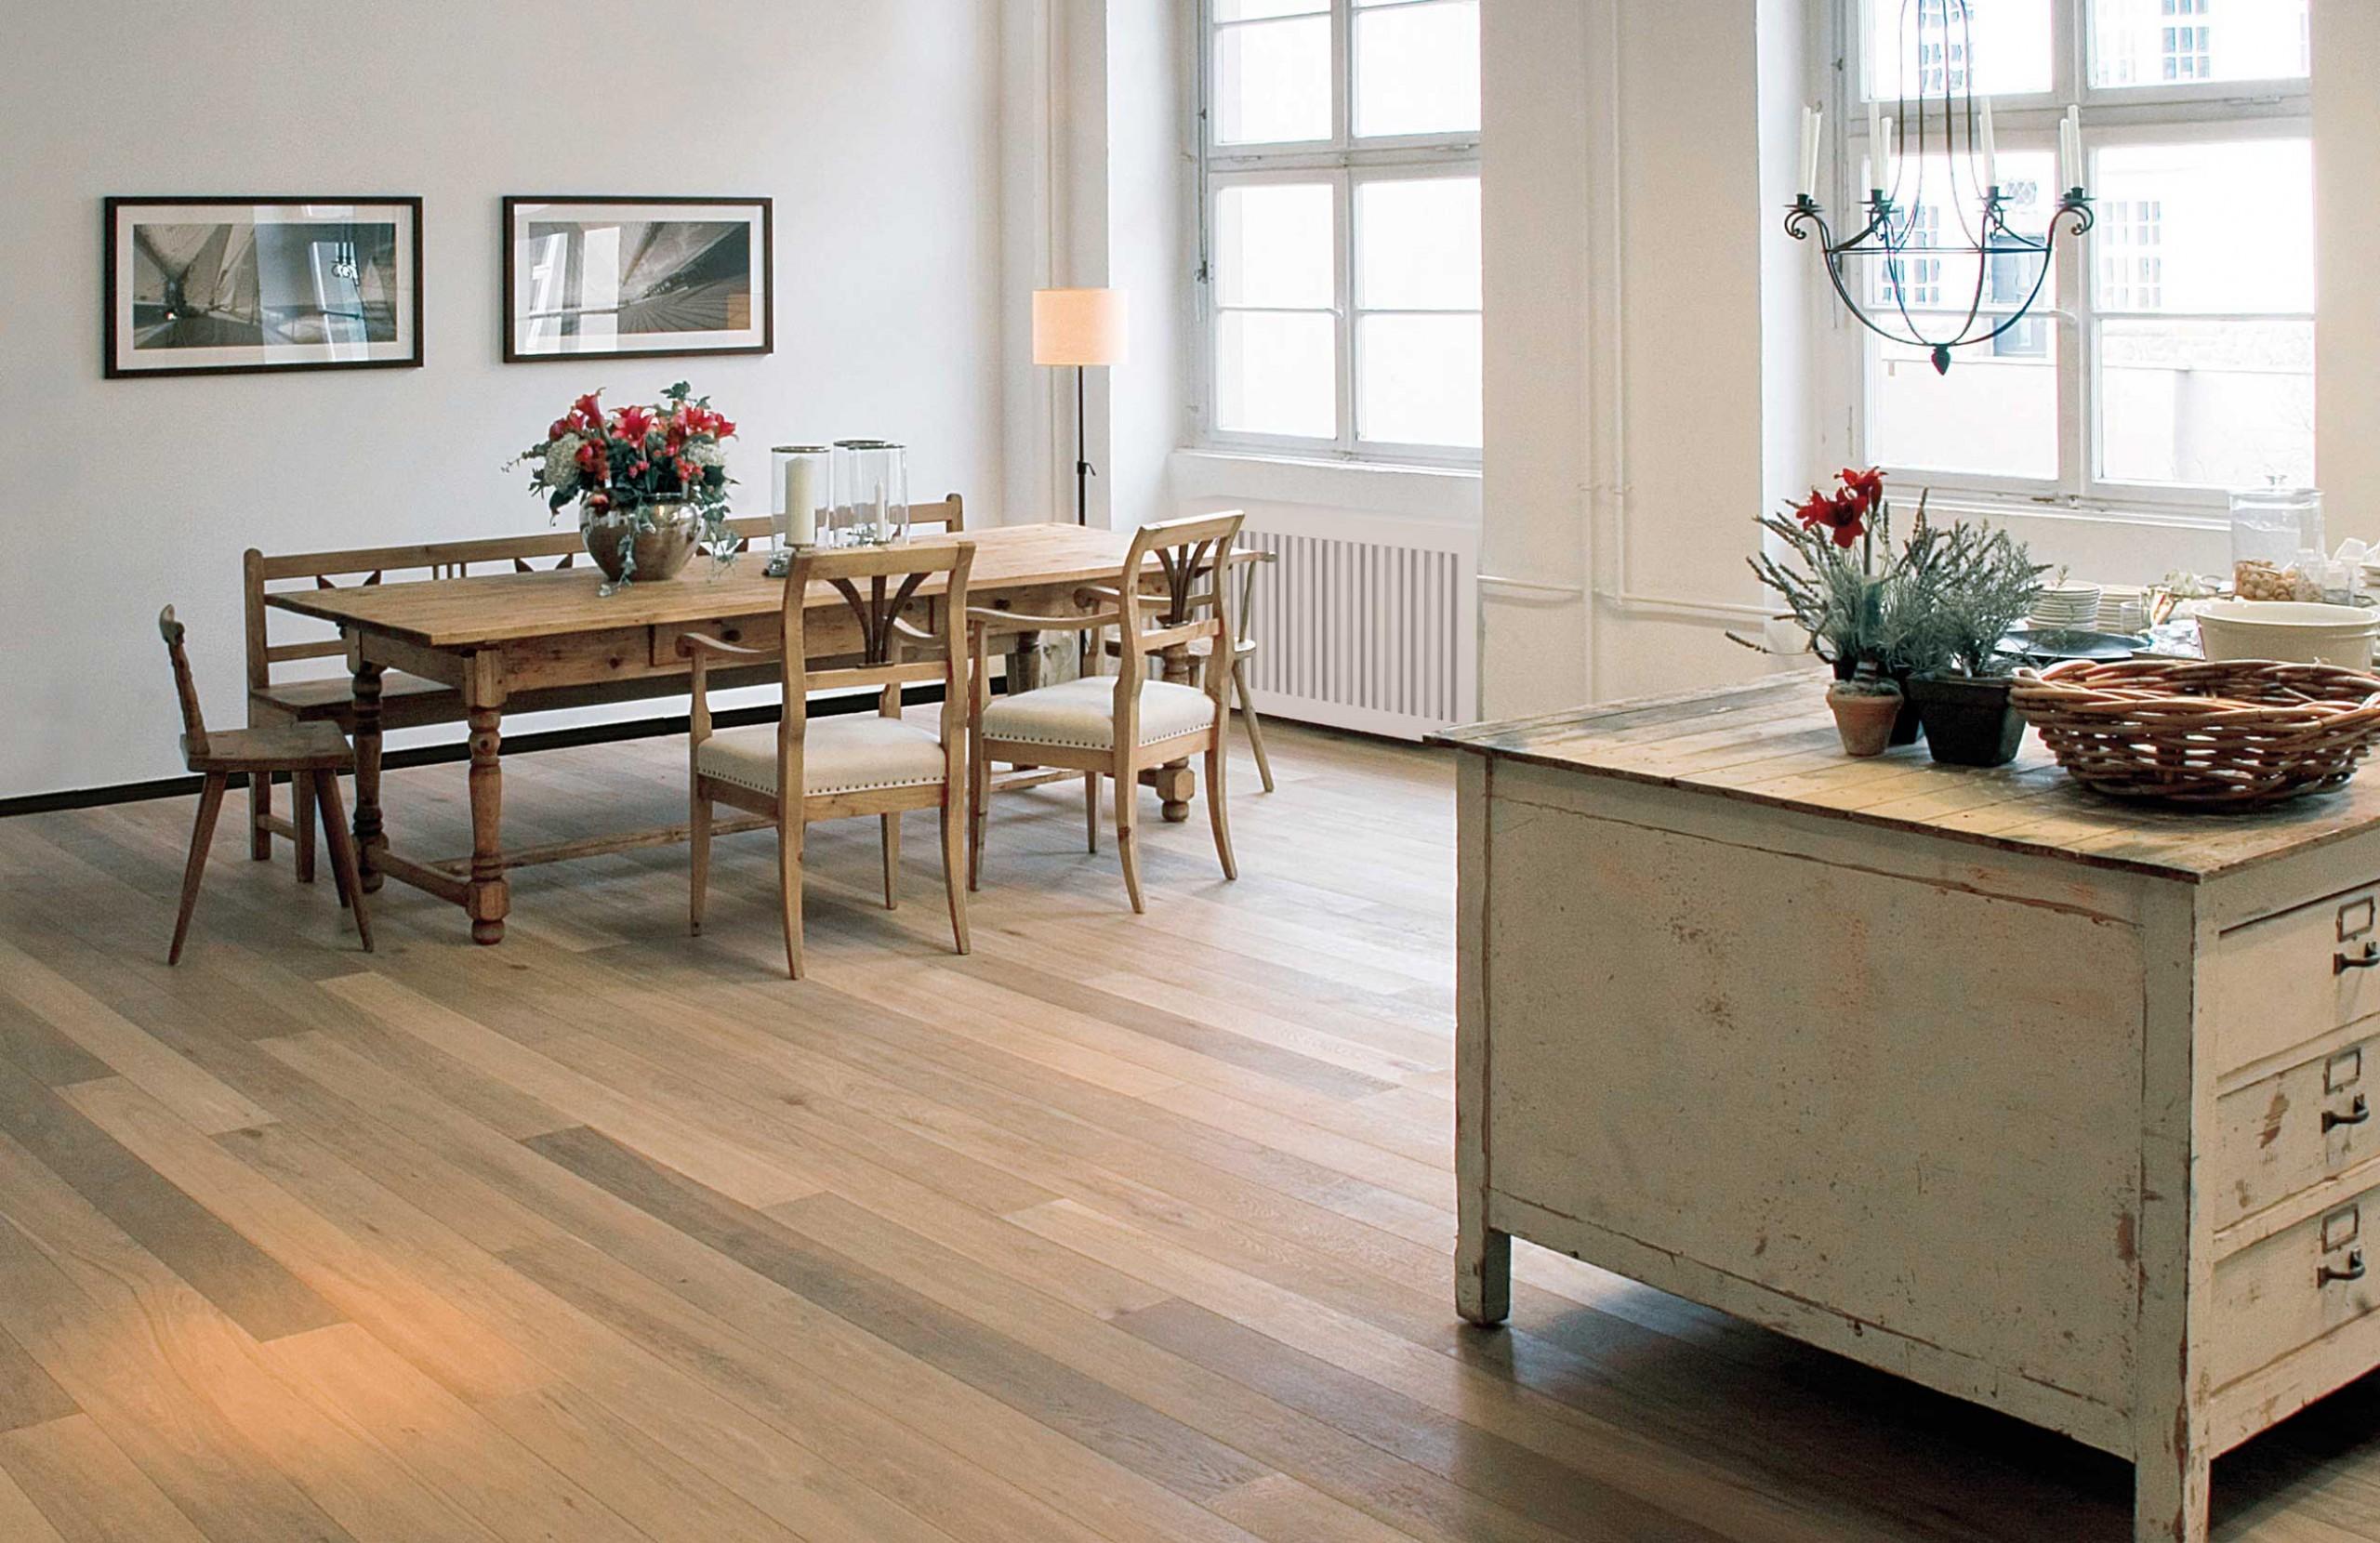 Fußboden Schlafzimmer Hamburg ~ Zimmer wohnung zum verkauf hamburg lemsahl mellingstedt